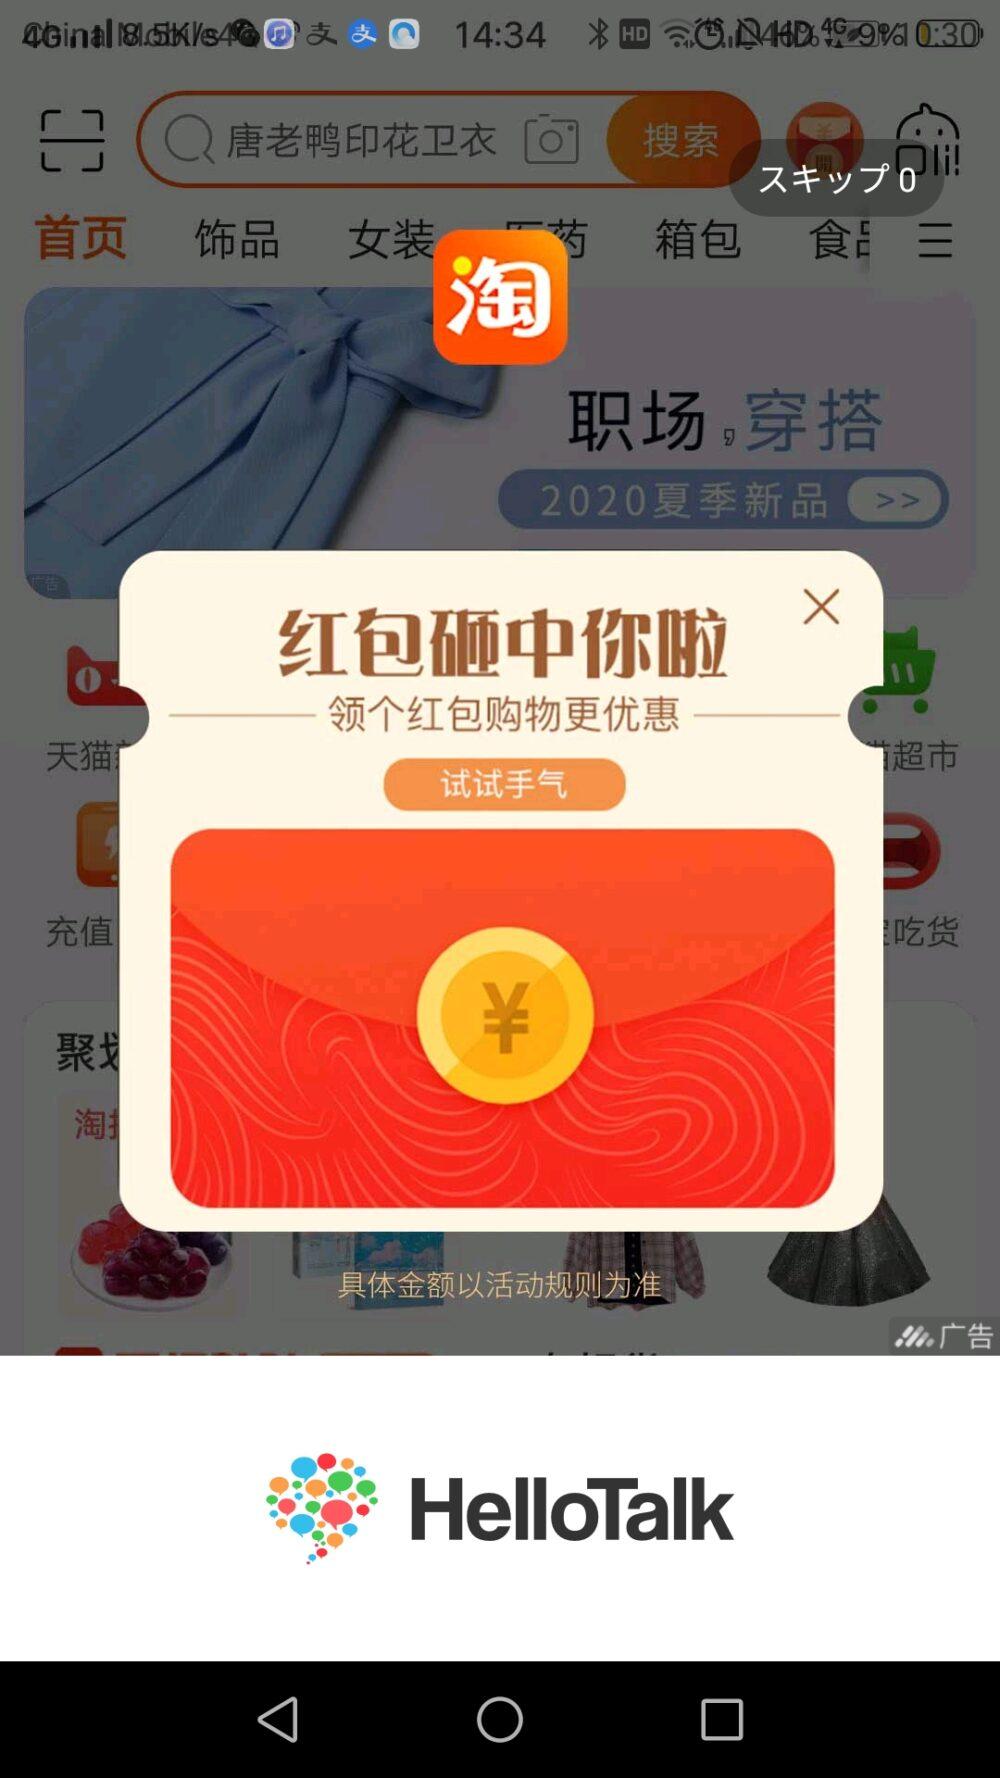 アプリを開こうとするとタオバオの広告が表示されたときにスクリーンショットした写真